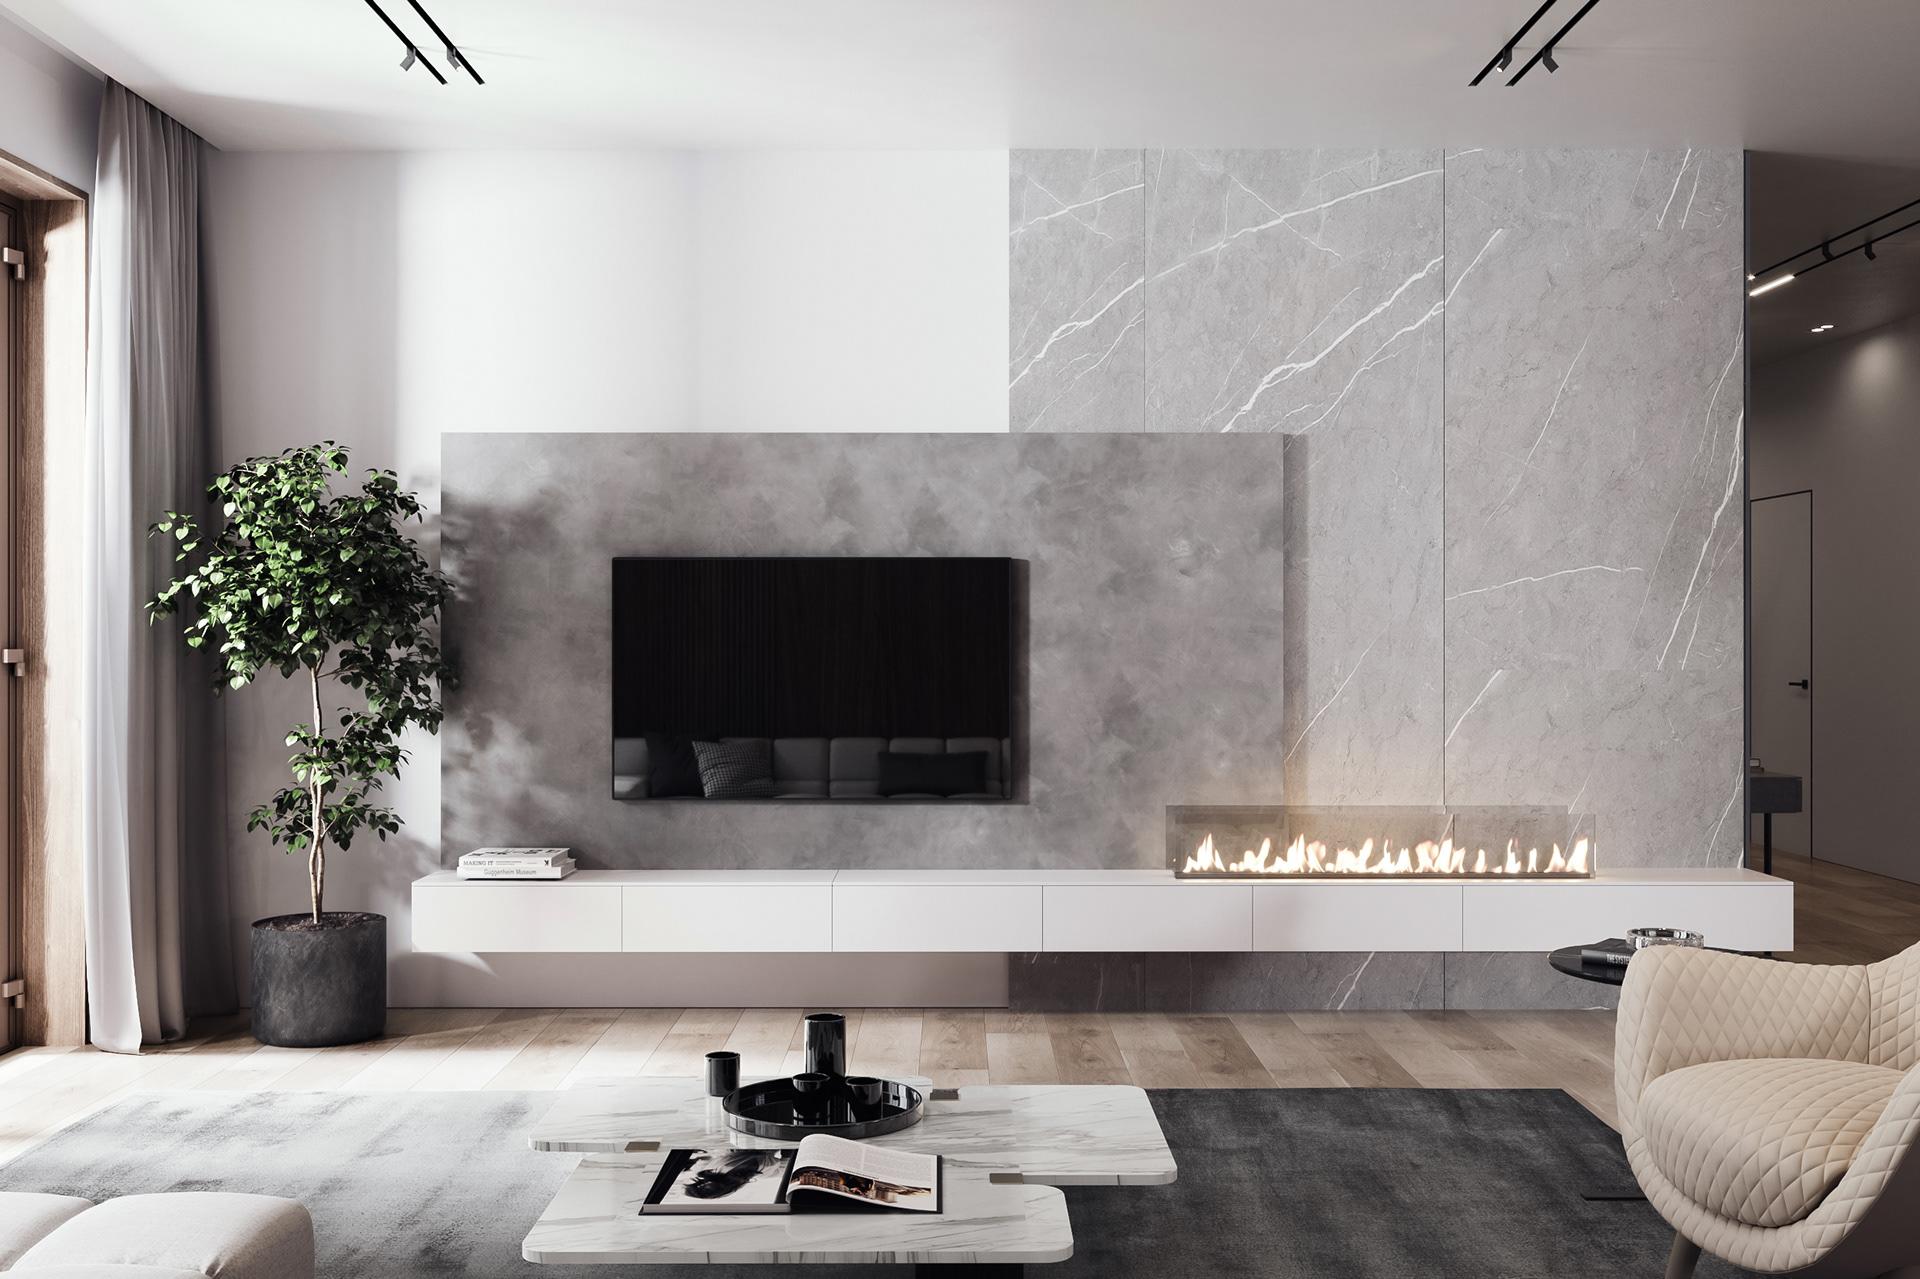 Kiến trúc sư tư vấn thiết kế căn hộ  50m² cho 3 người, chi phí tiết kiệm chỉ 114 triệu đồng - Ảnh 4.